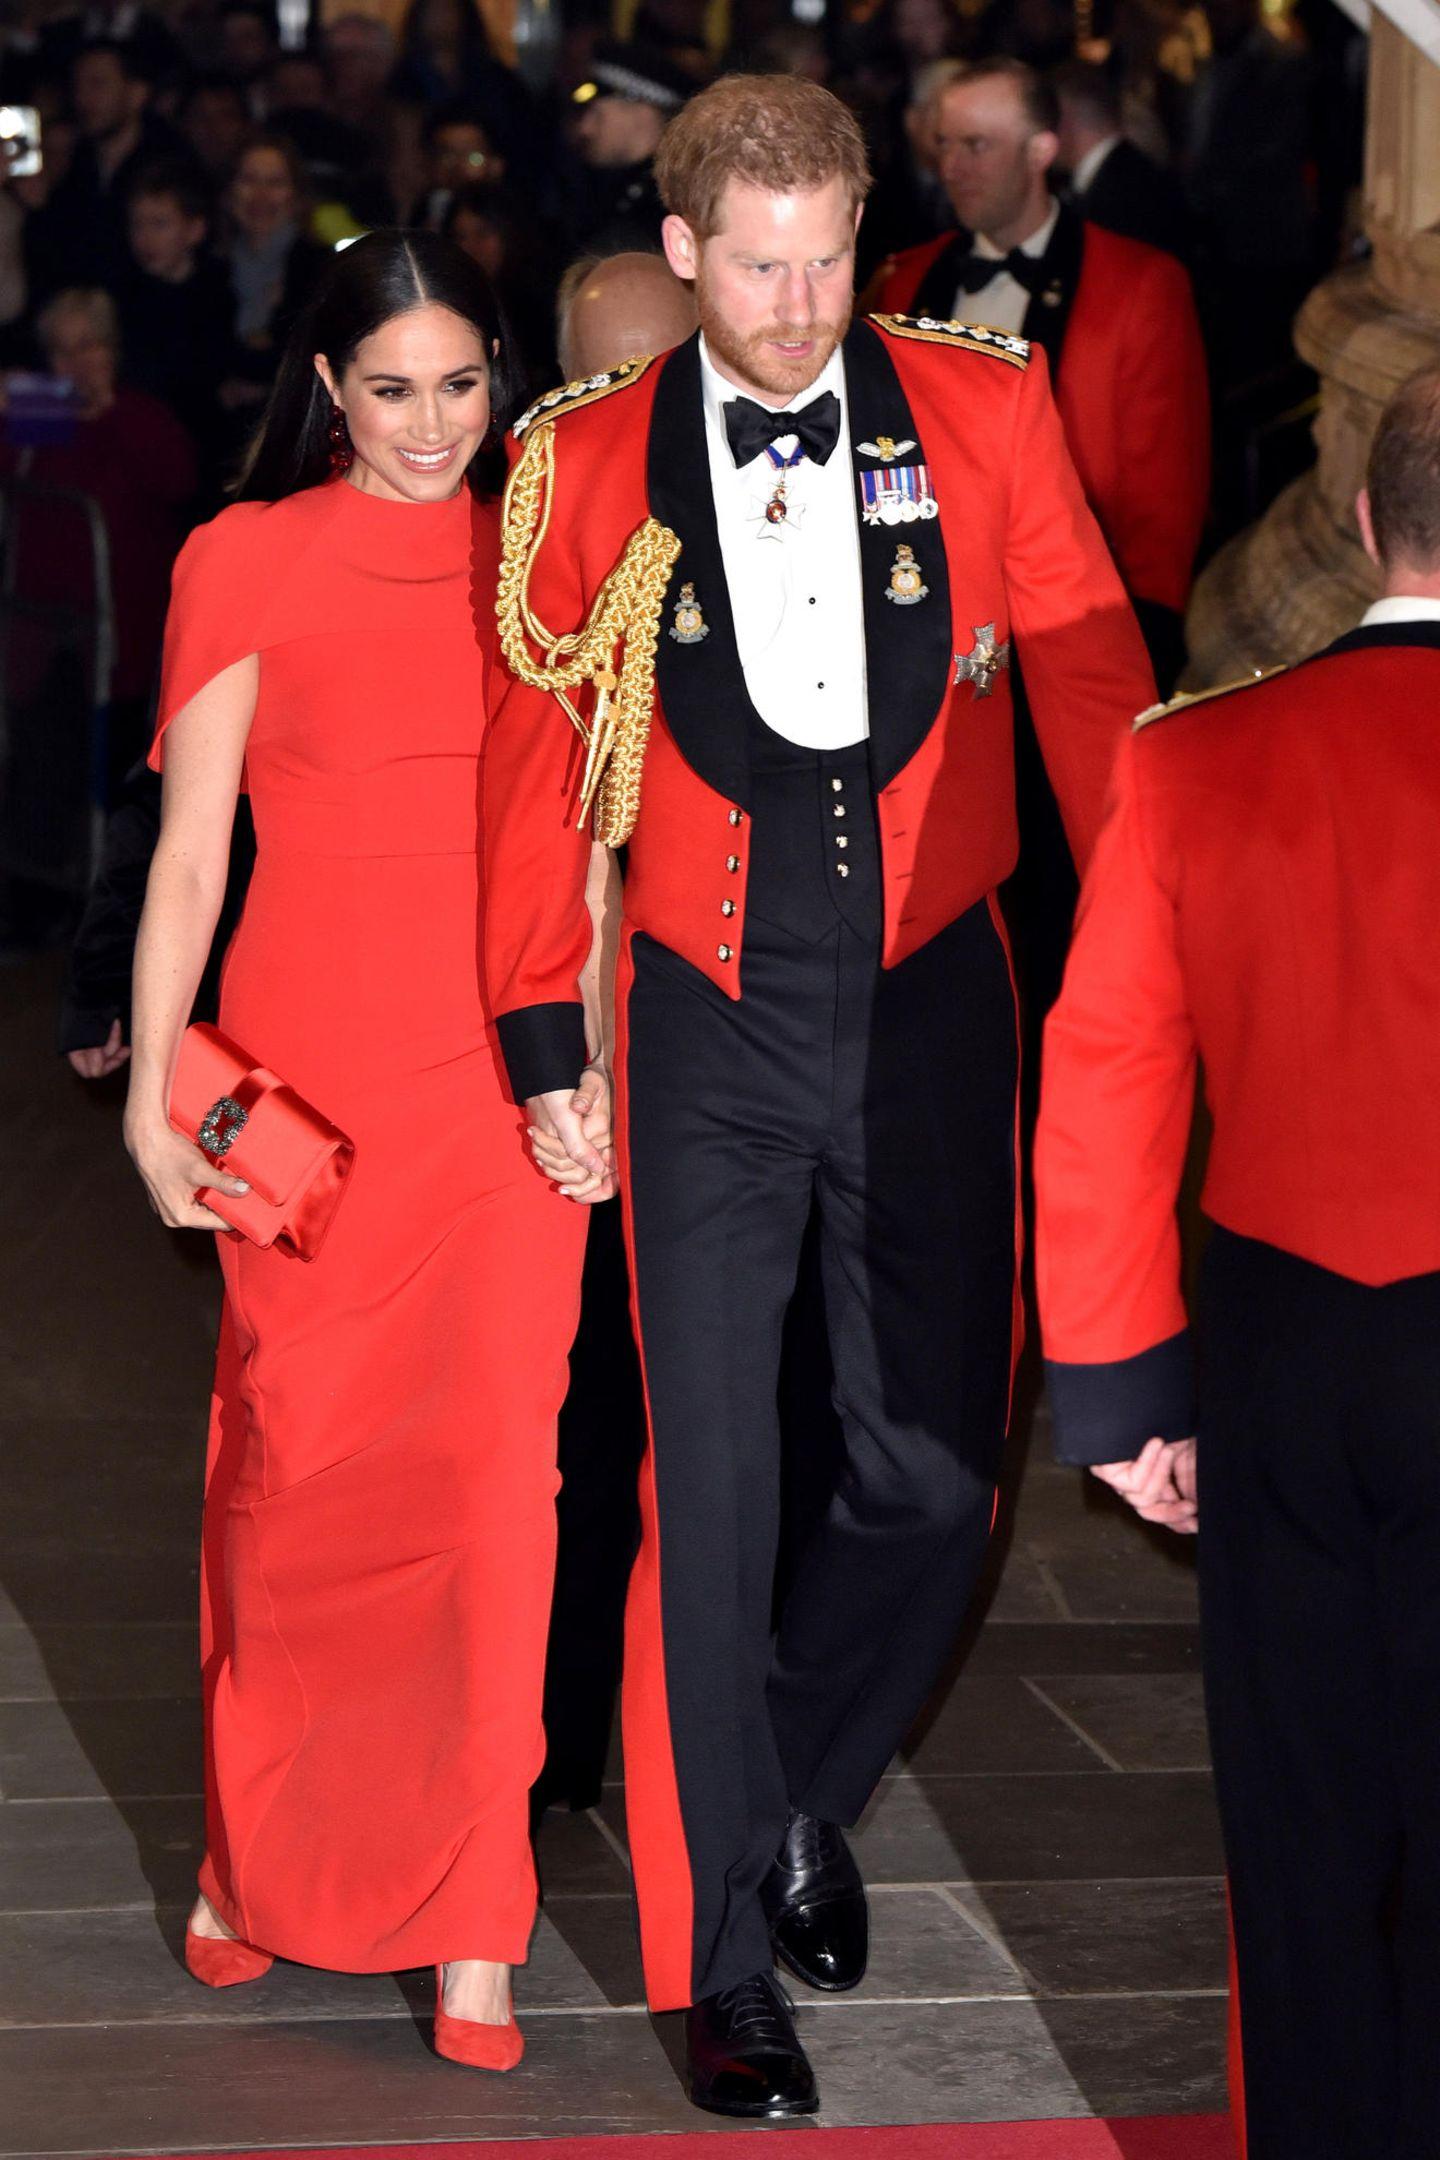 7. März 2020  Es ist ein emotionaler Auftritt für Harry: Beim Mountbatten Music Festival in der Royal Albert Hall darf er zum letzten Mal die Uniform eines Captain General of the Royal Marines tragen. Die ehrenvolle Position hatte Harry 2007 von seinem Großvater Prinz Philip übernommen. Wenn der Megxit in Kraft tritt, muss er den militärischen Ehrentitel abgeben.